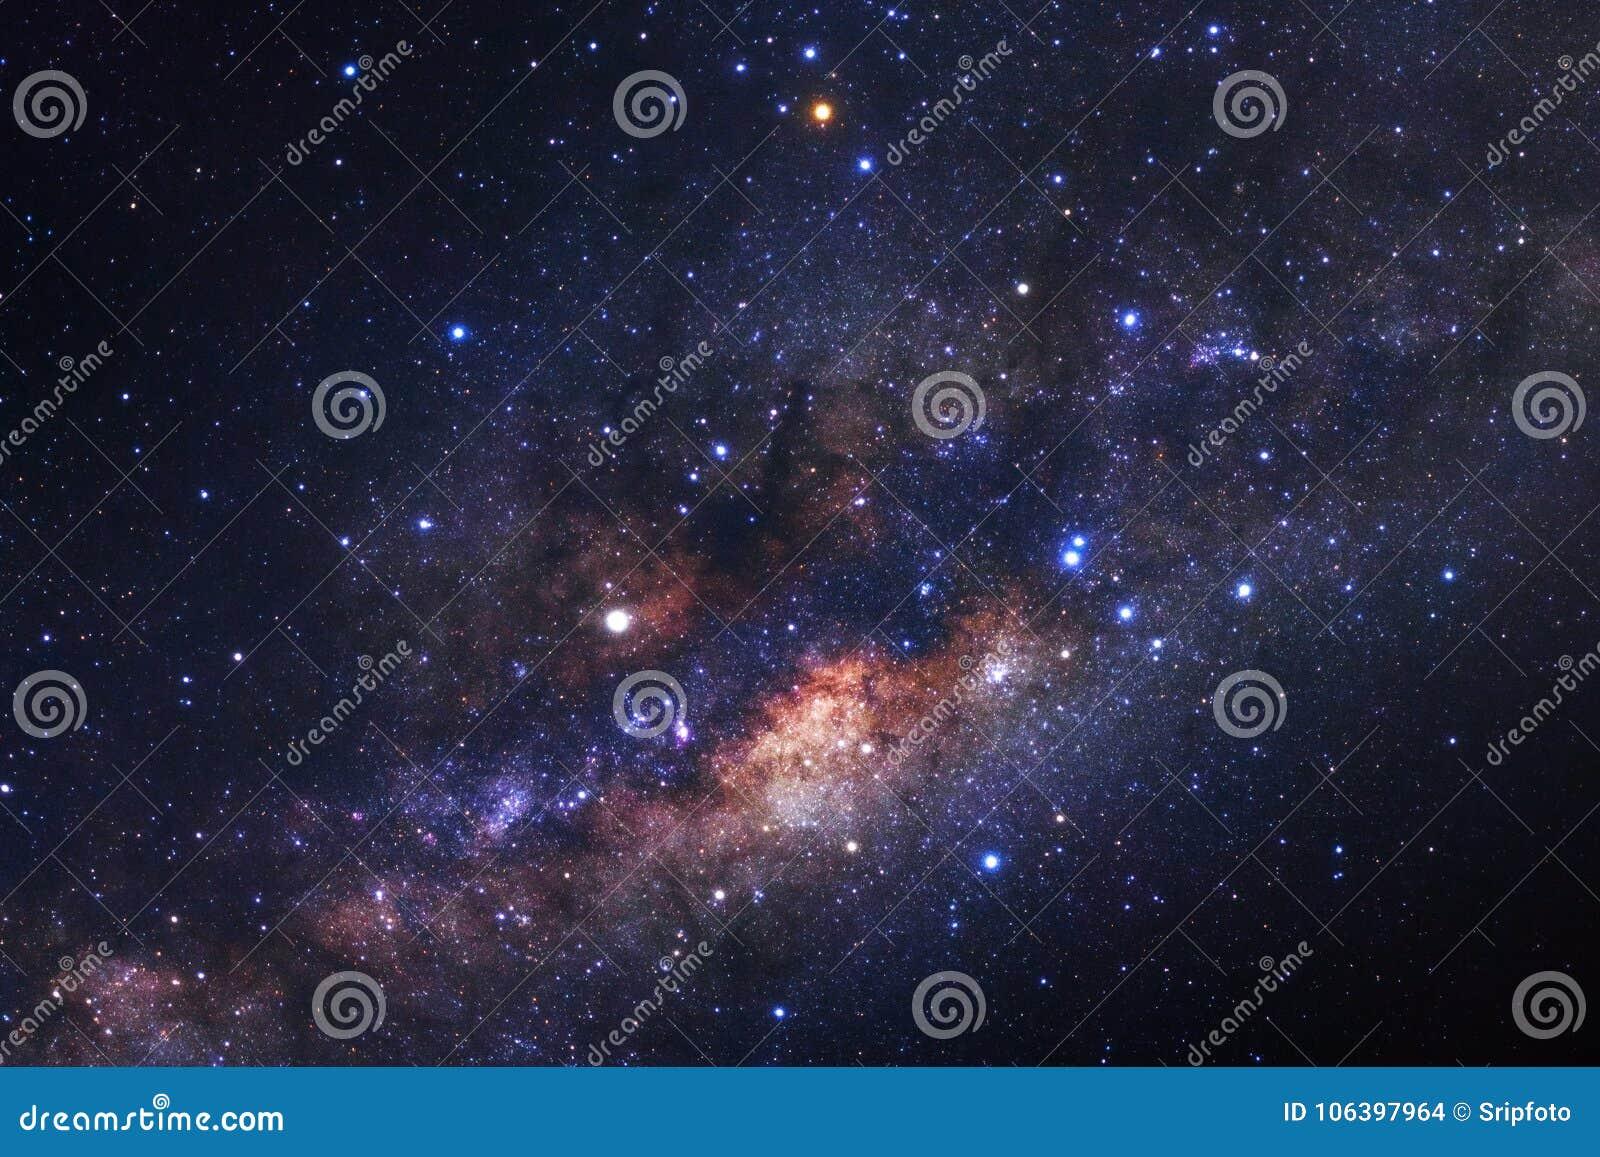 Галактика млечного пути с звездами и космос пылятся в вселенной